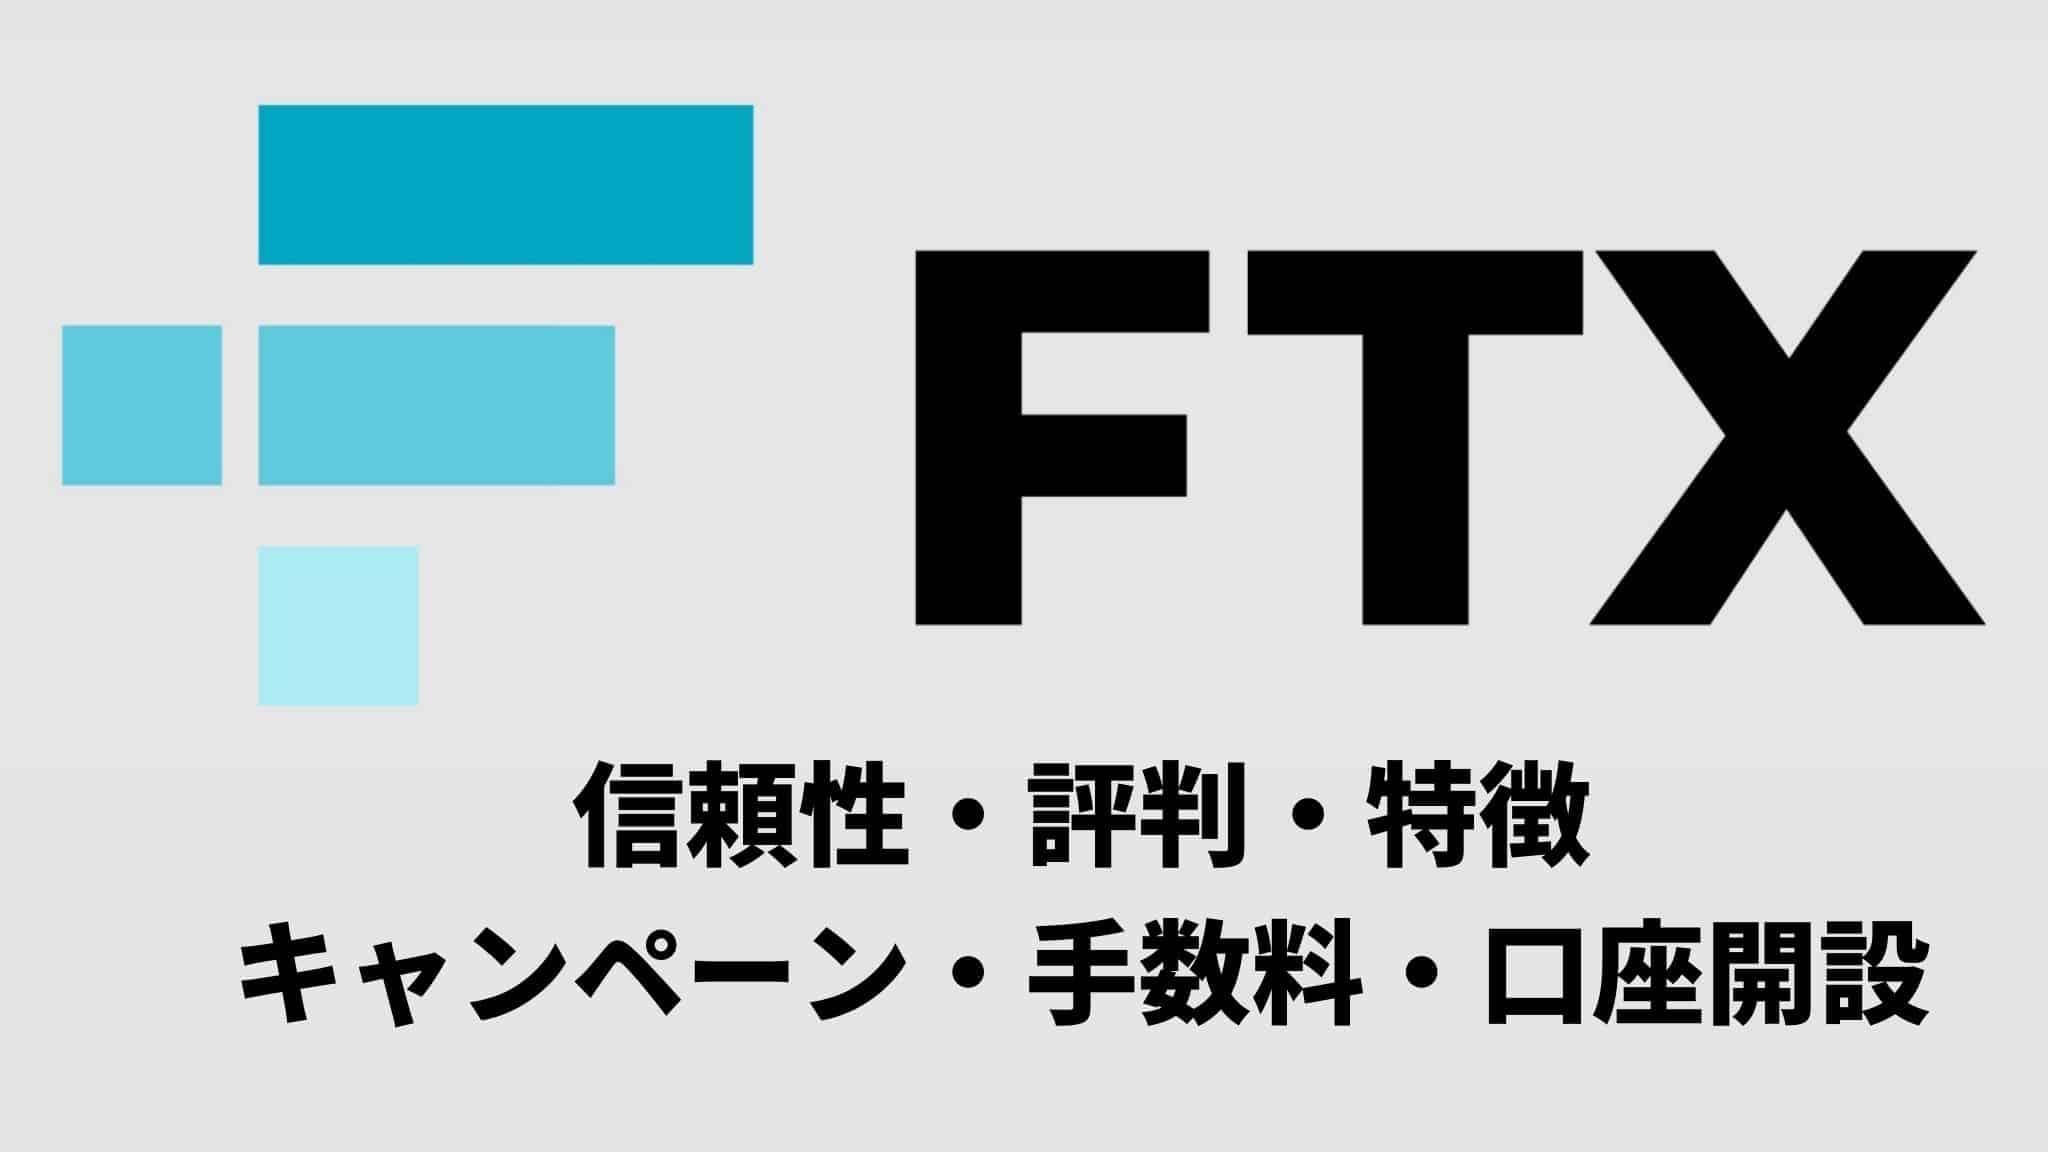 【アイキャッチ】FTX